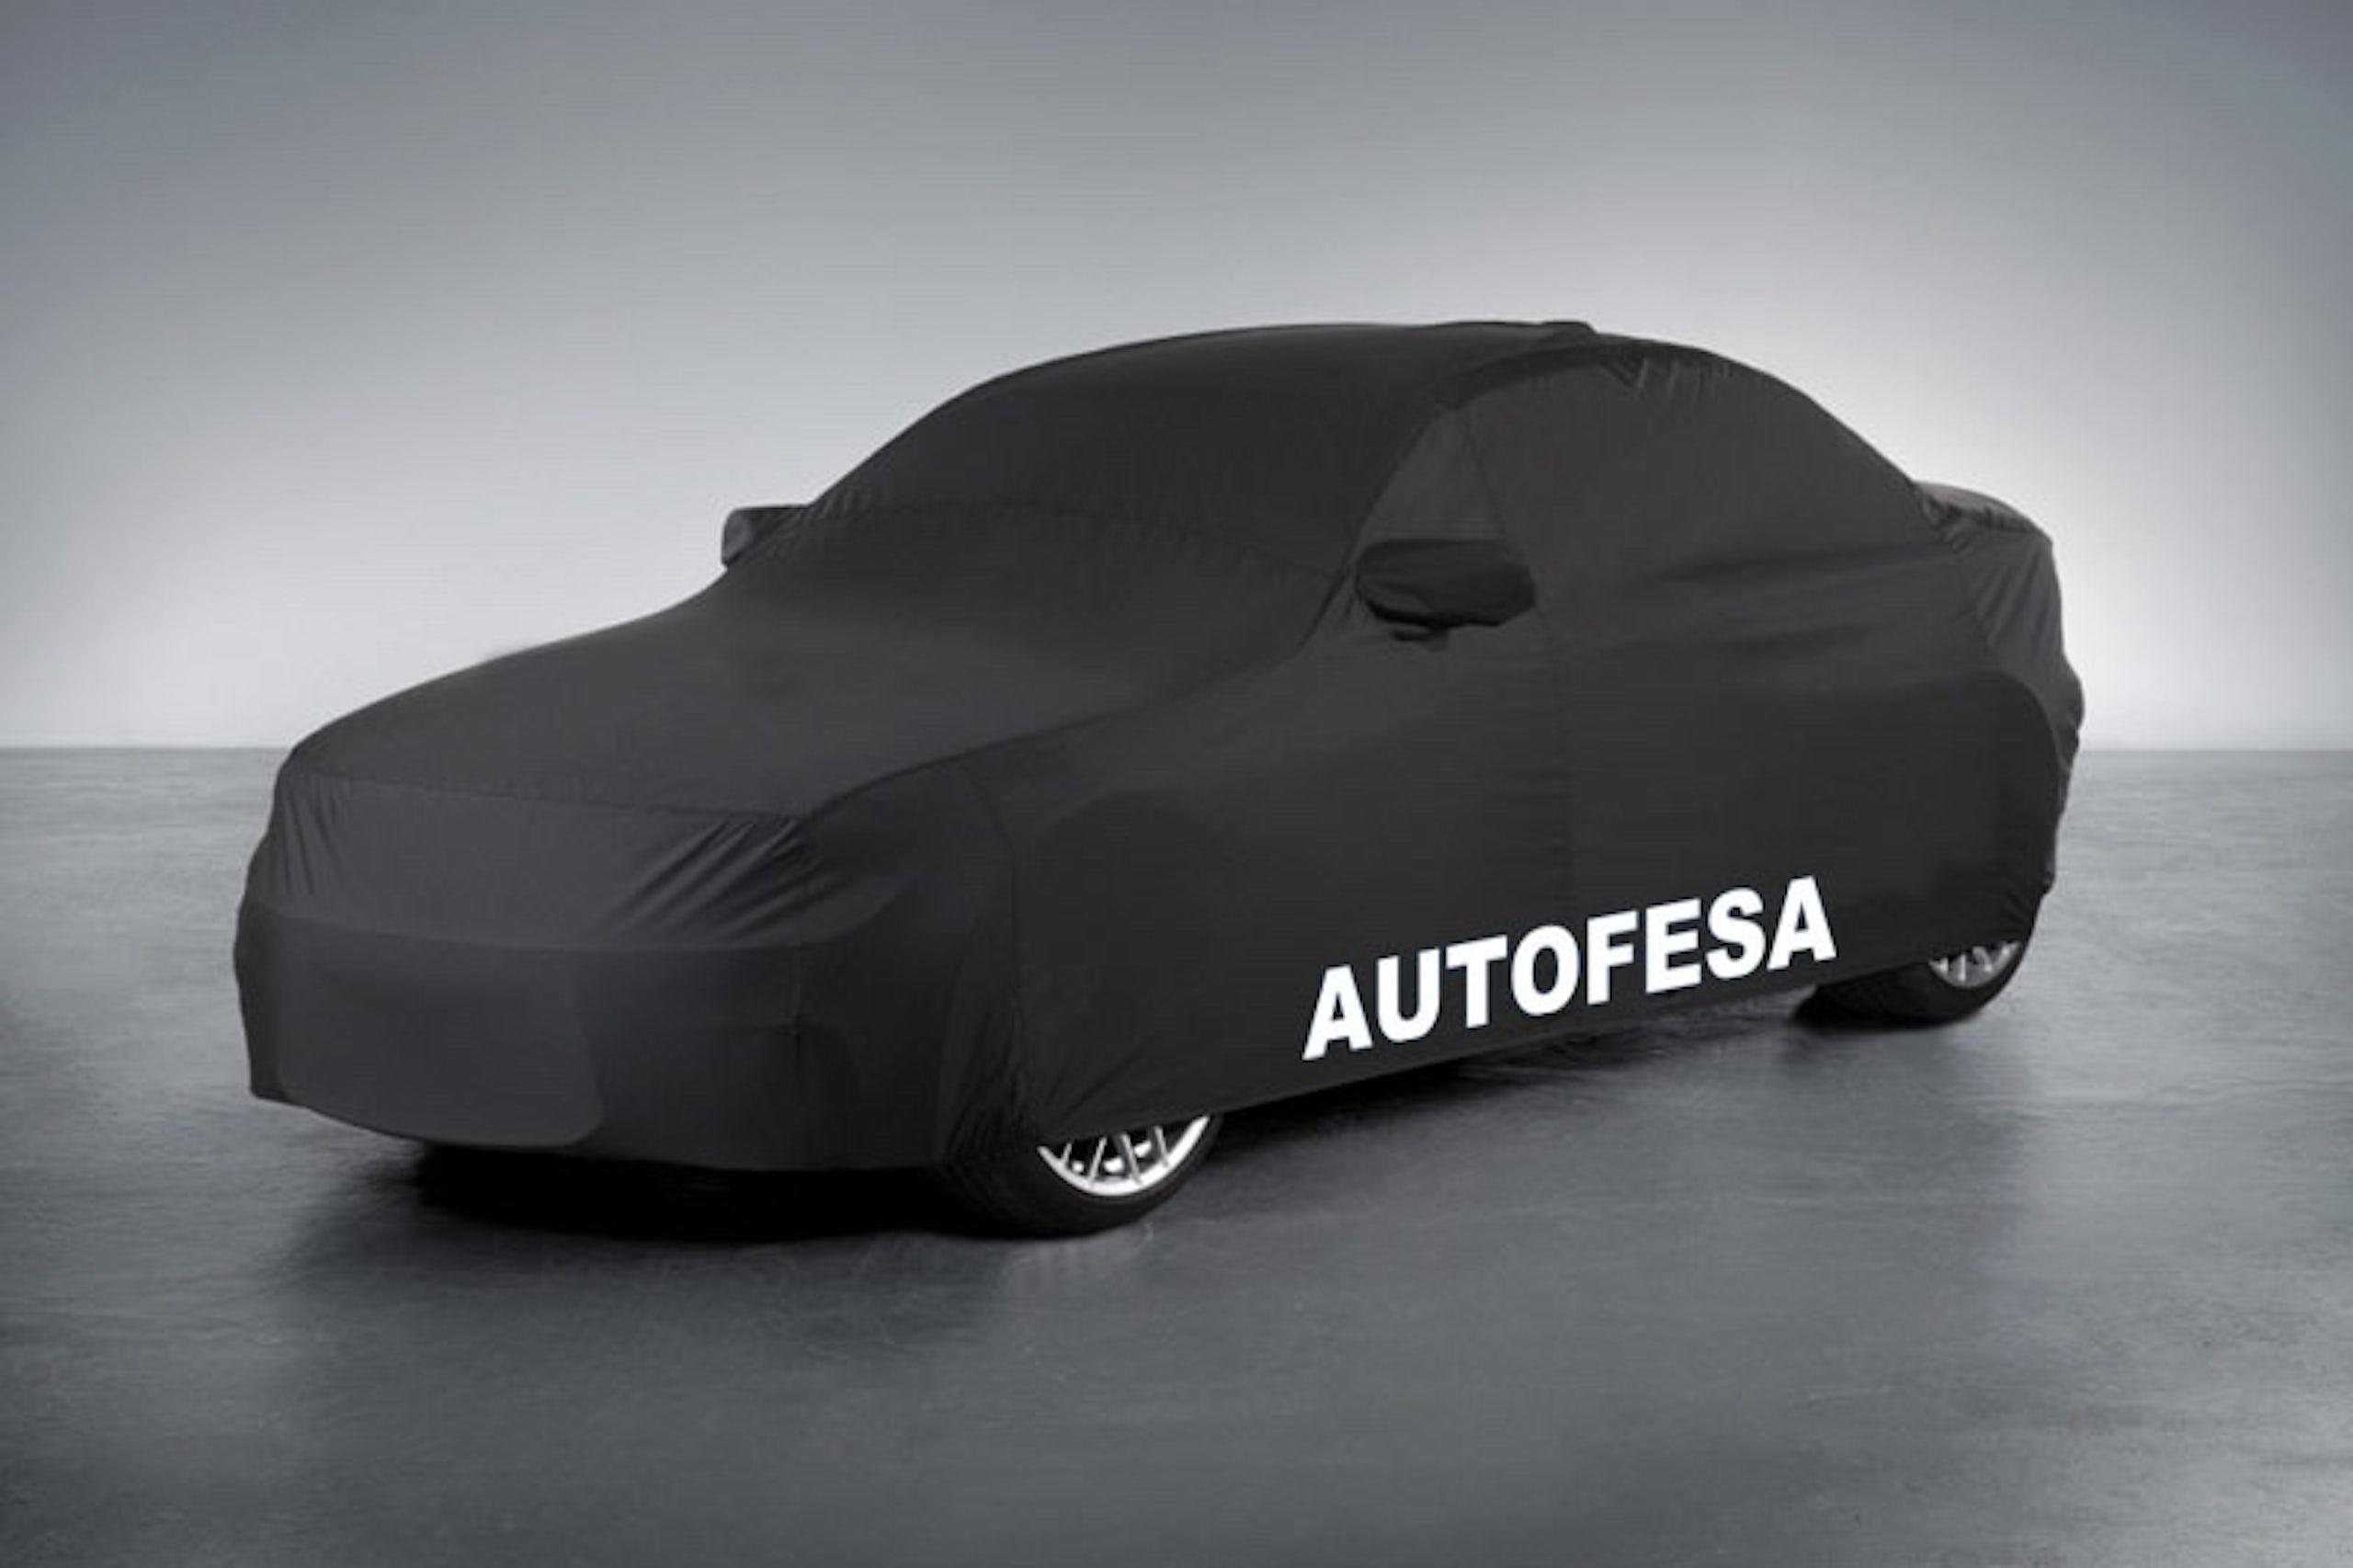 Audi A4 Avant 2.0 TDI 190cv quattro 5p S tronic Auto S/S - Foto 13